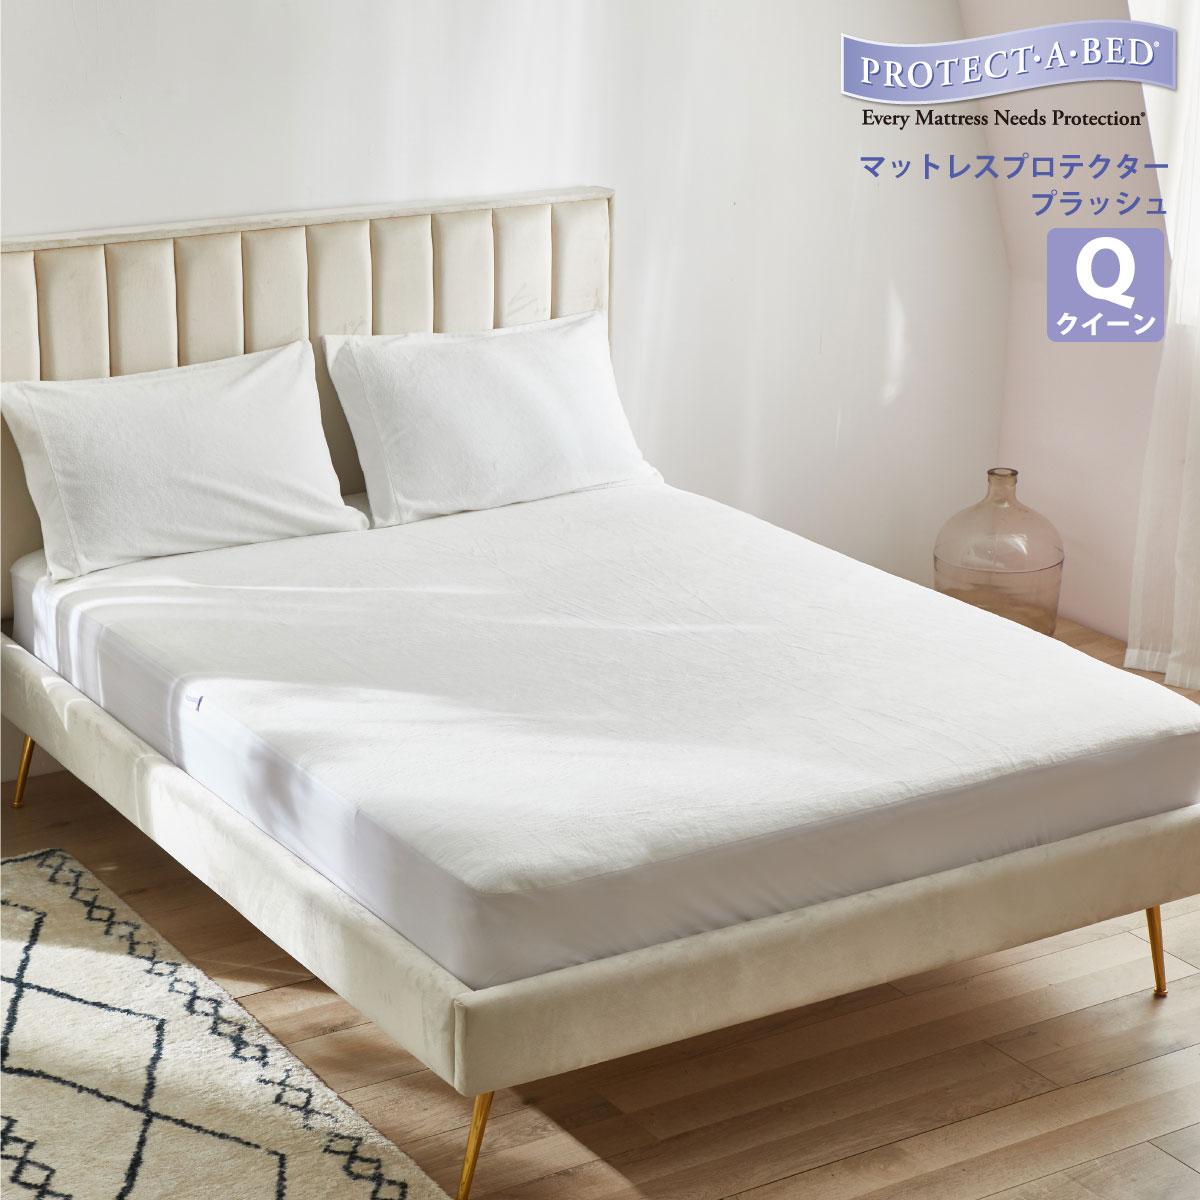 Protect-A-Bed (プロテクト・ア・ベッド) ボックスシーツ ミラクルフィット・マットレスプロテクター・プラッシュ クイーン 全2色 BOXシーツ ベッドシーツ ベッドカバー 布団 防水 防ダニ 透湿性 おねしょ対策 介護